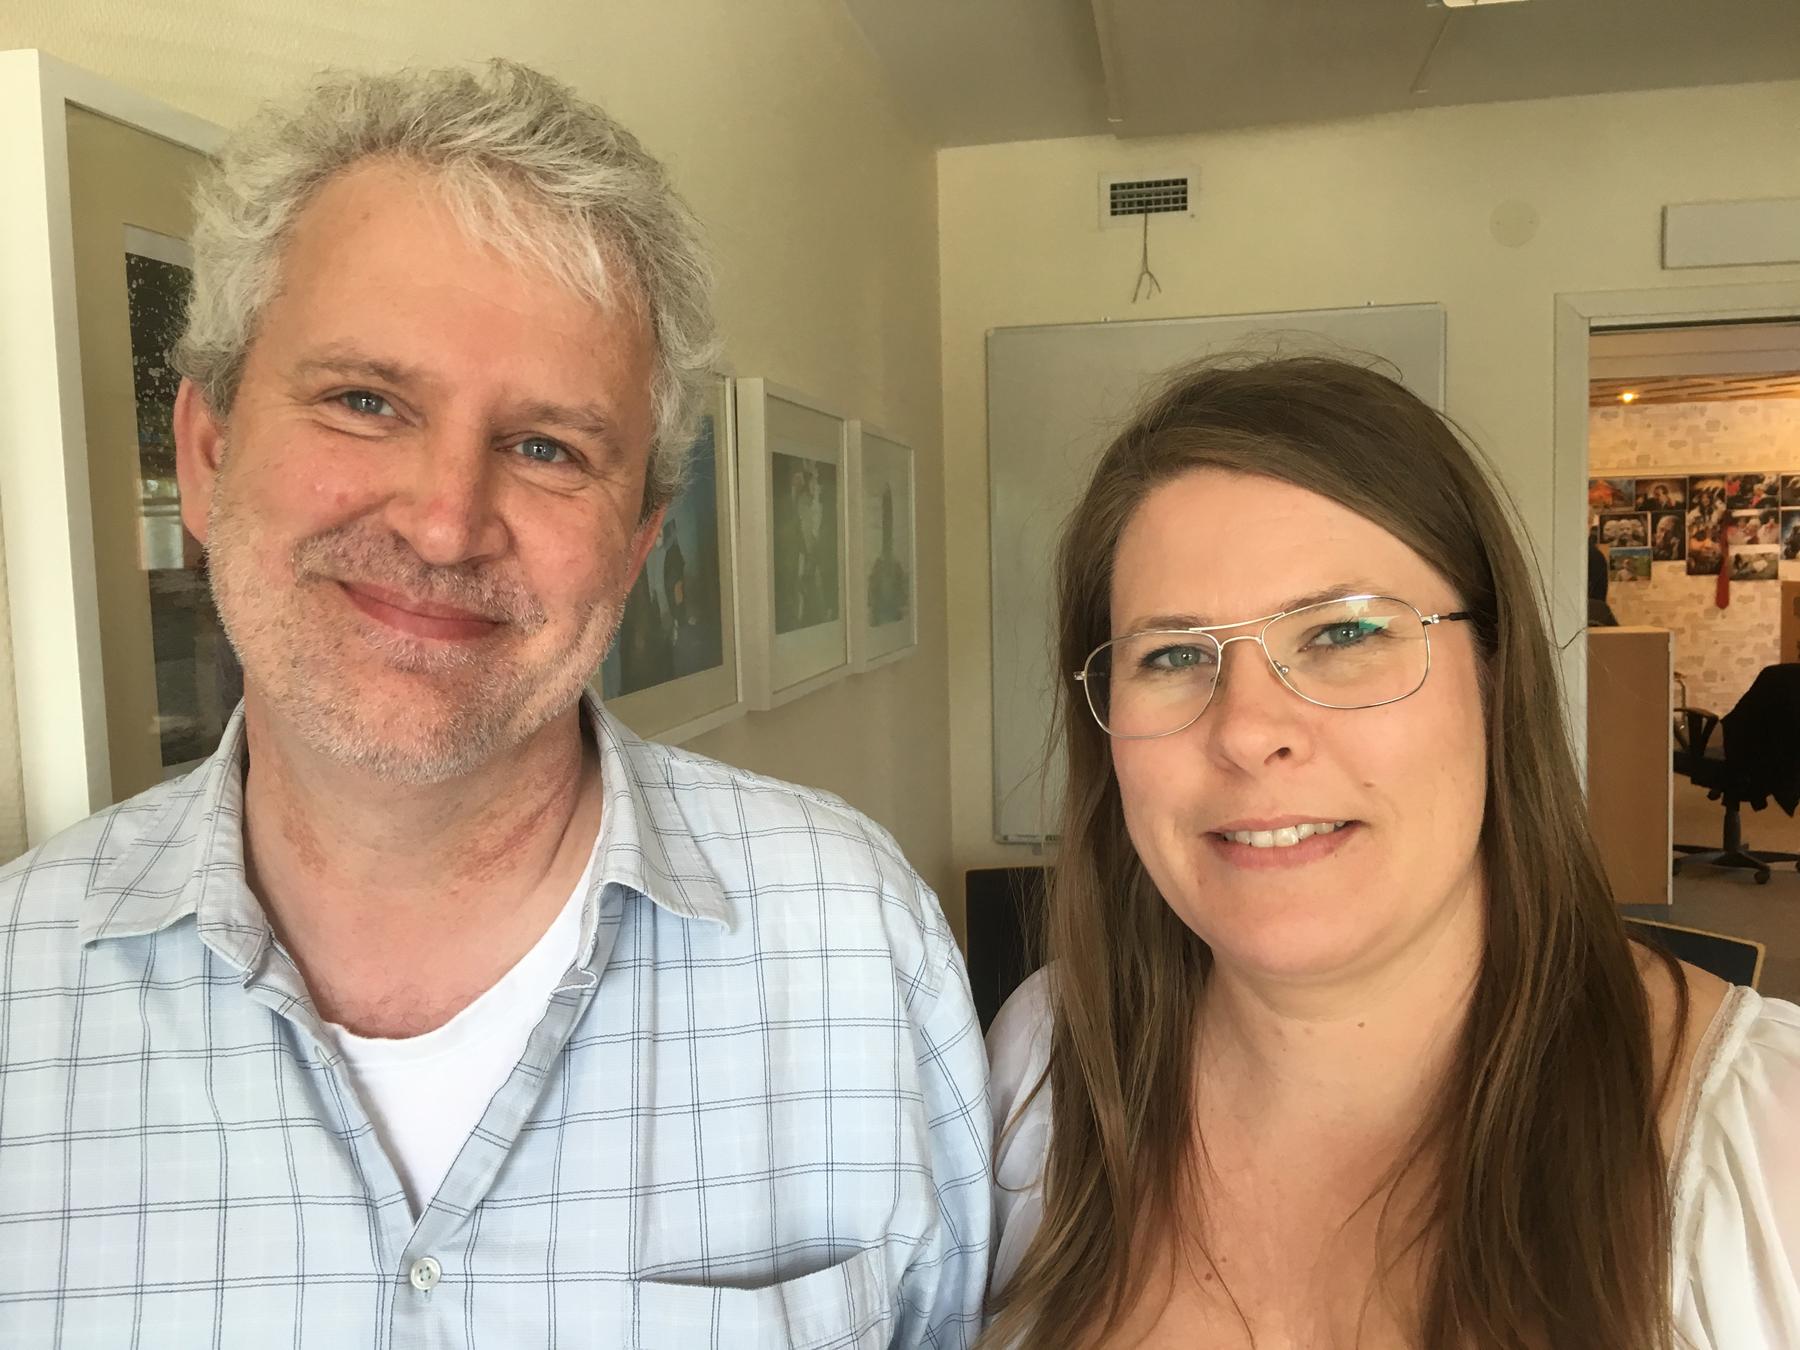 Tomas Nyberg, fotograf och redigerare, och Helena Forsberg, redaktör, ser fram emot att redaktionen utökas från tre till fyra journalister. Foto: Per Eklund